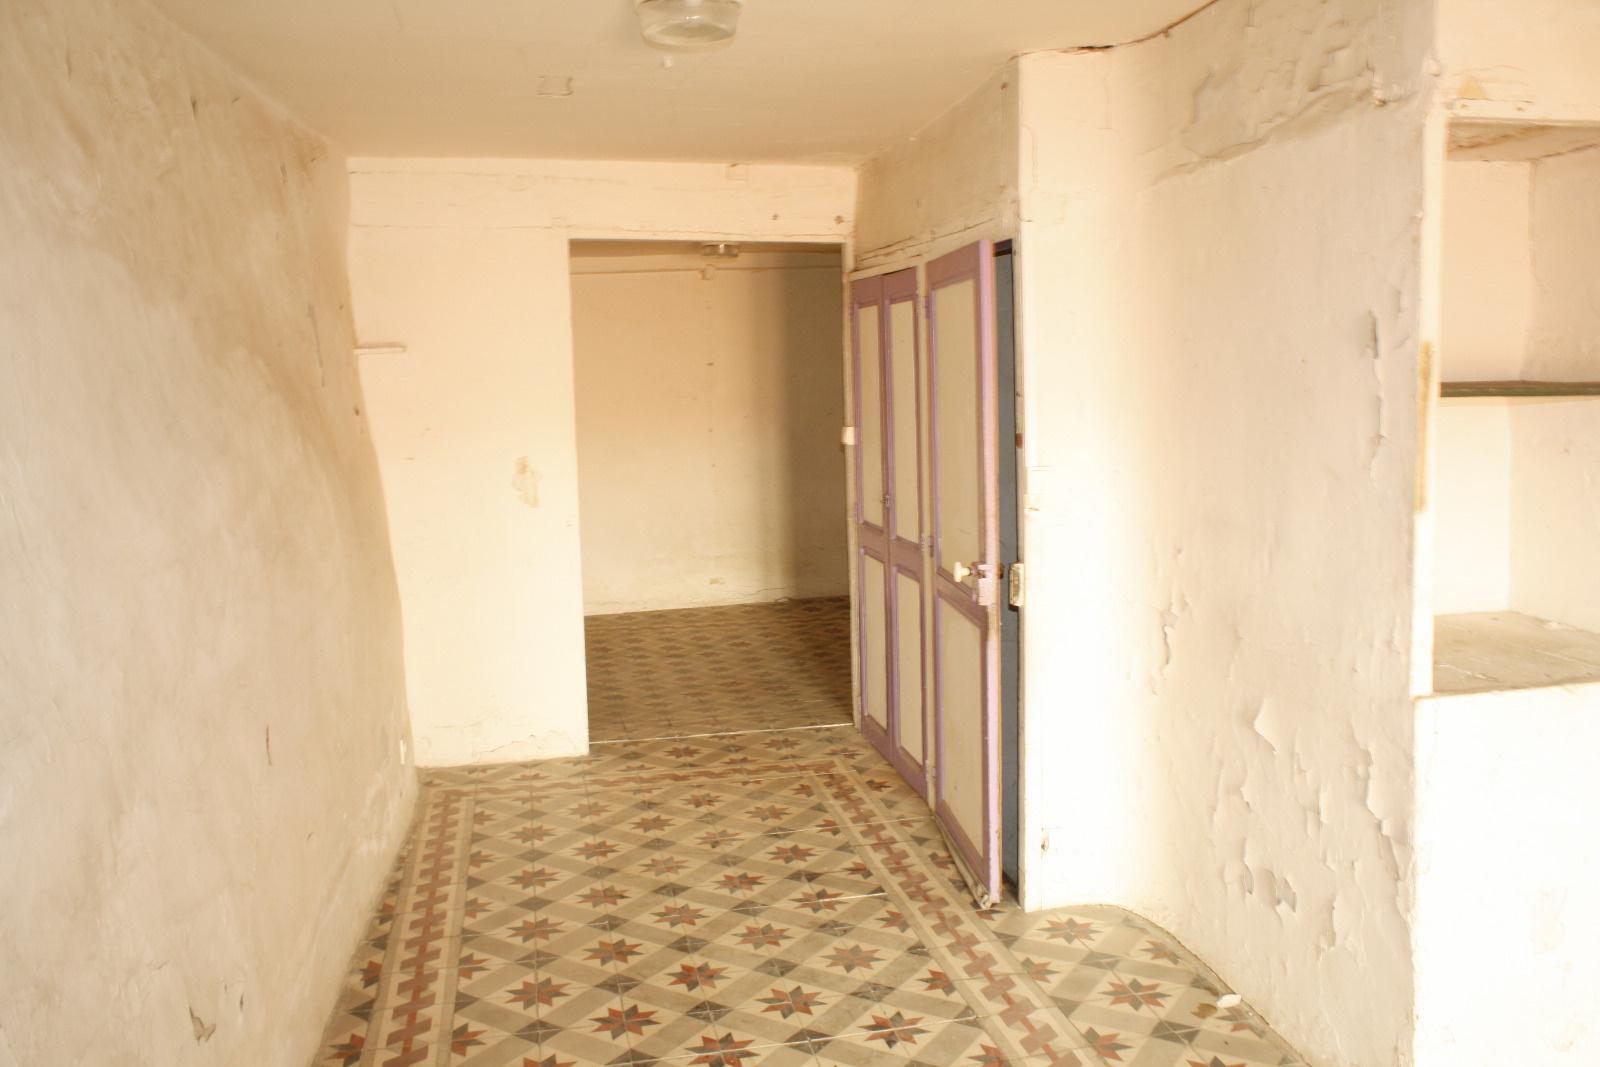 Vente collioure maison de p cheur 3 niveaux for Acheter maison collioure